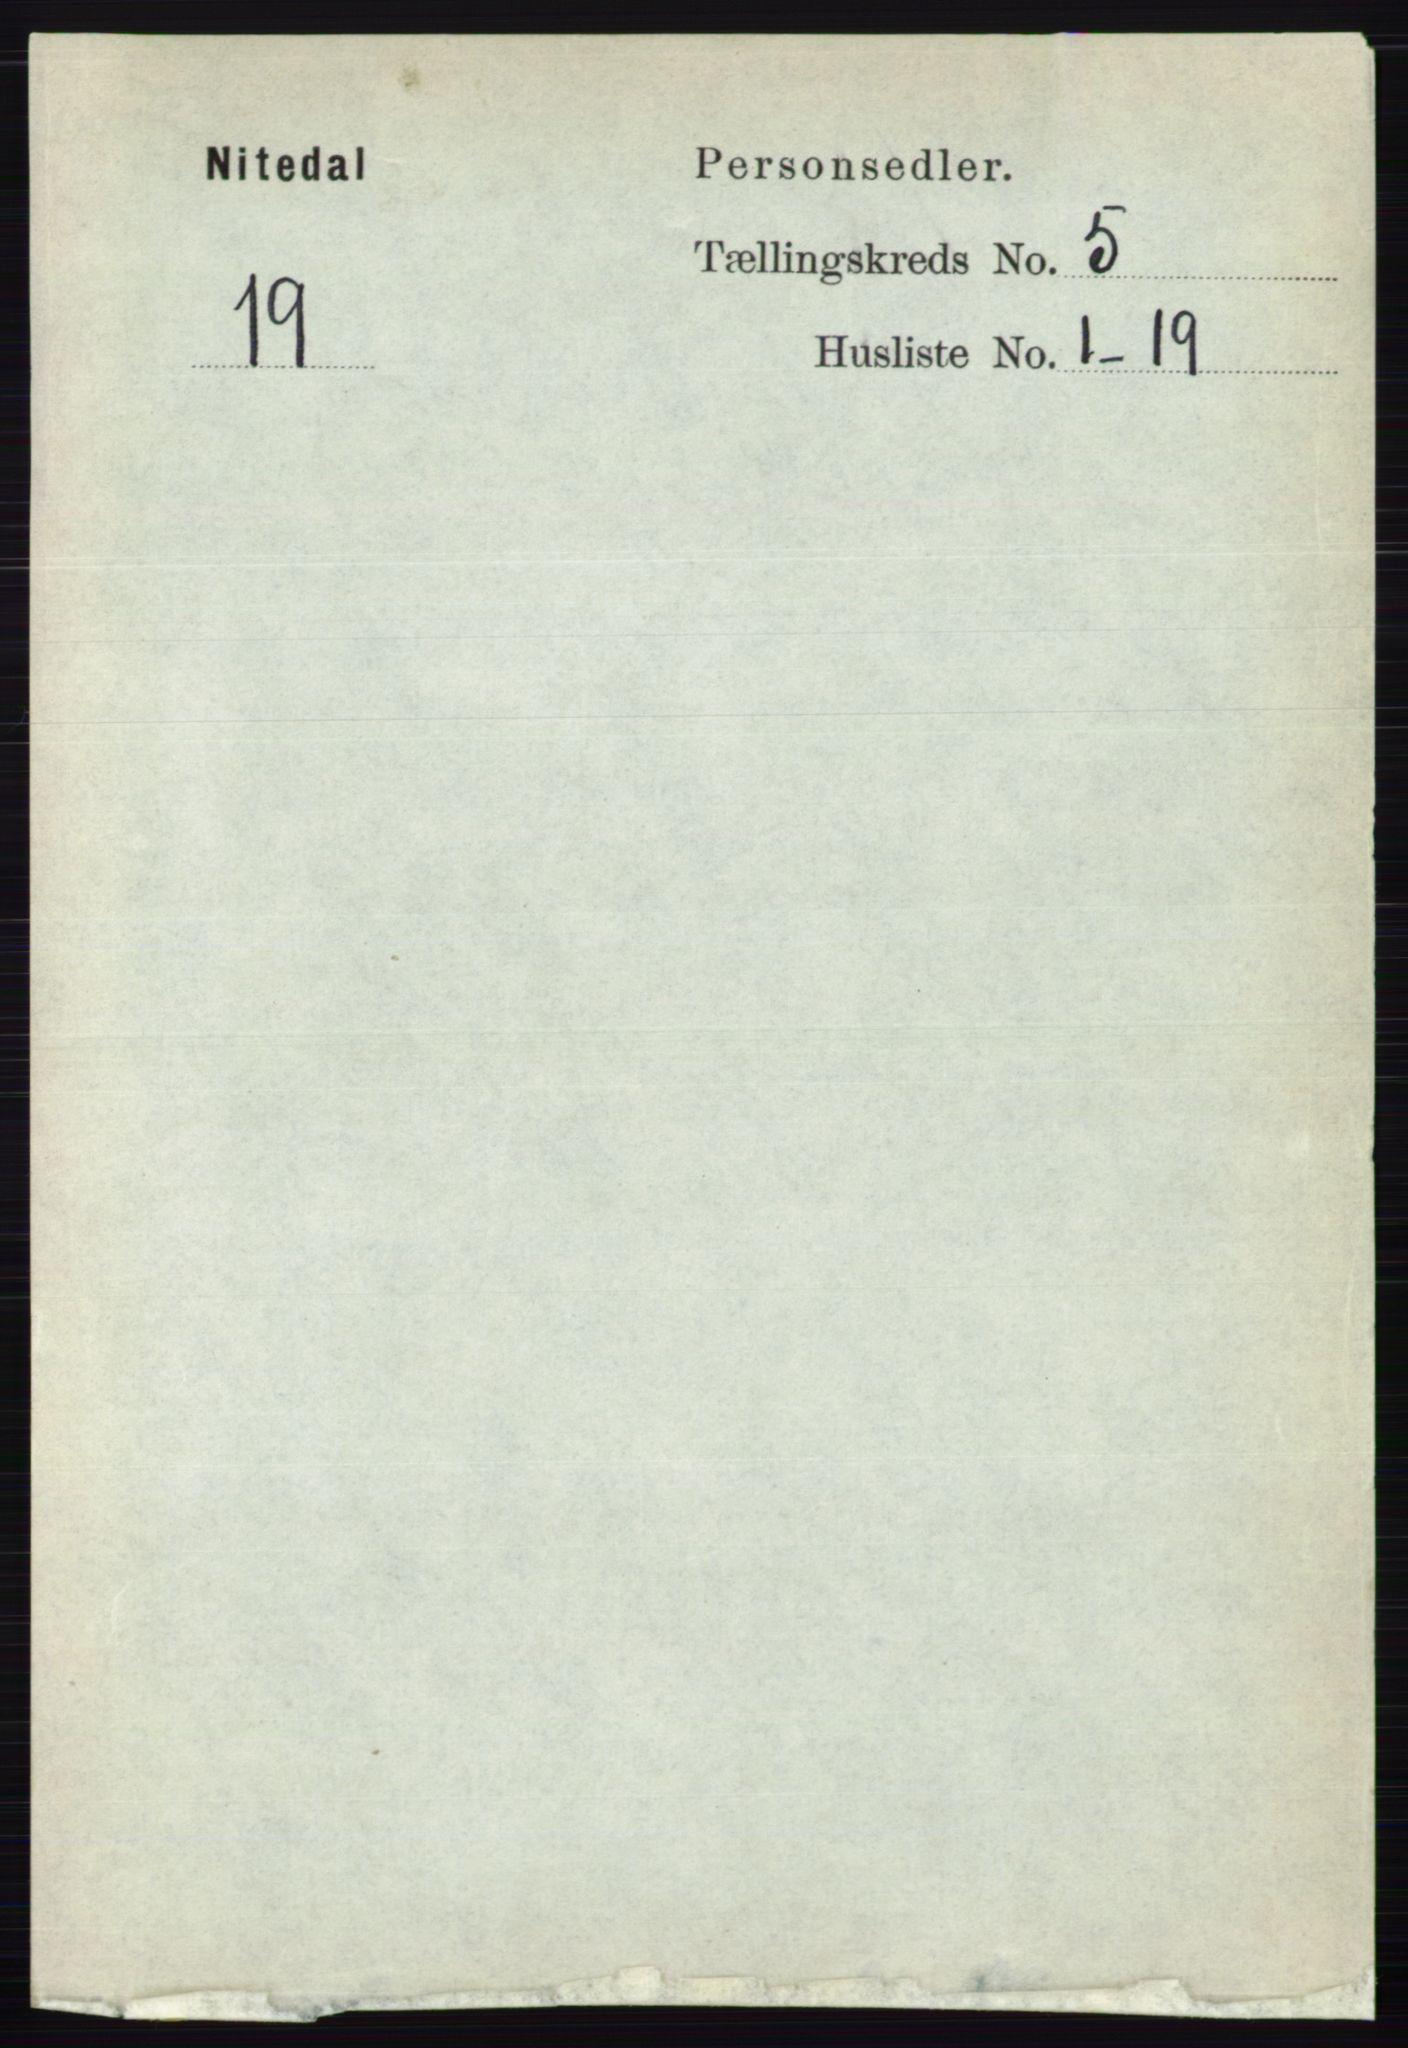 RA, Folketelling 1891 for 0233 Nittedal herred, 1891, s. 2183